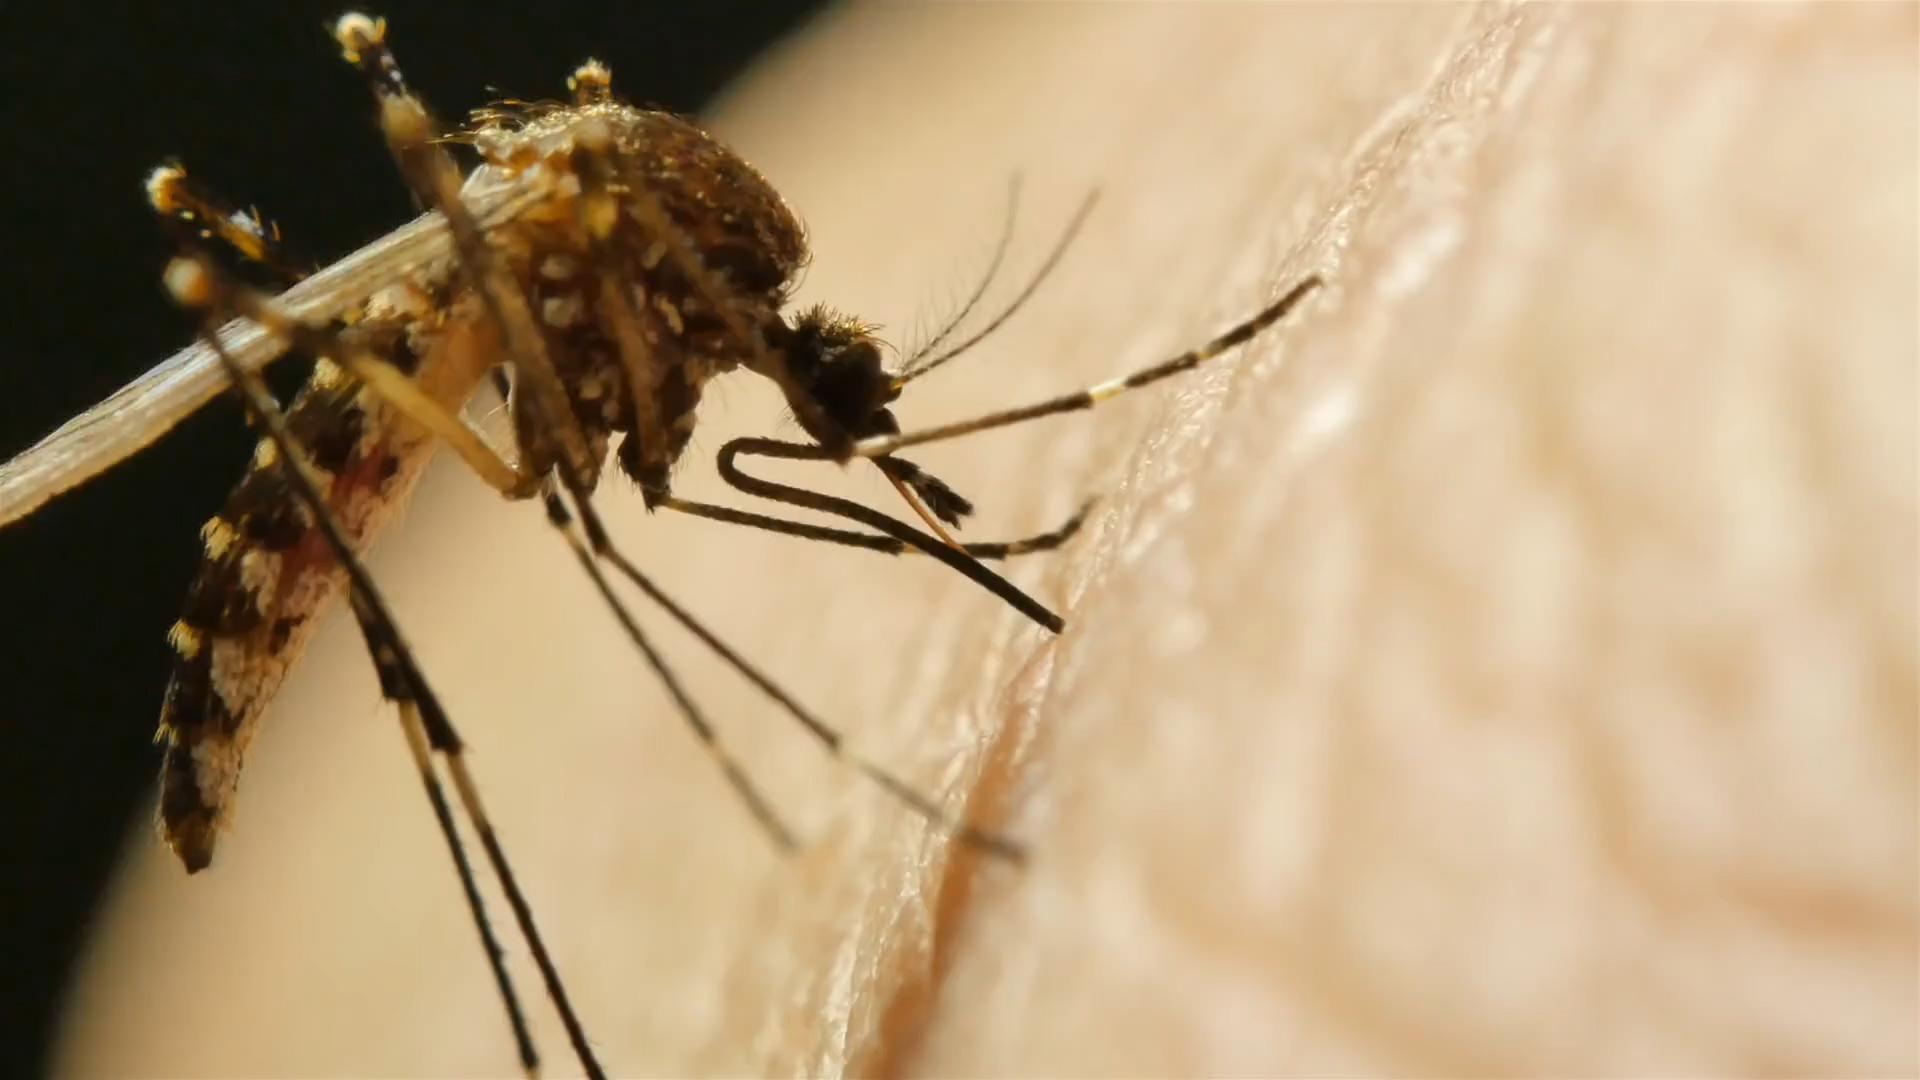 Kogo atakują komary? 5 nietypowych zależności